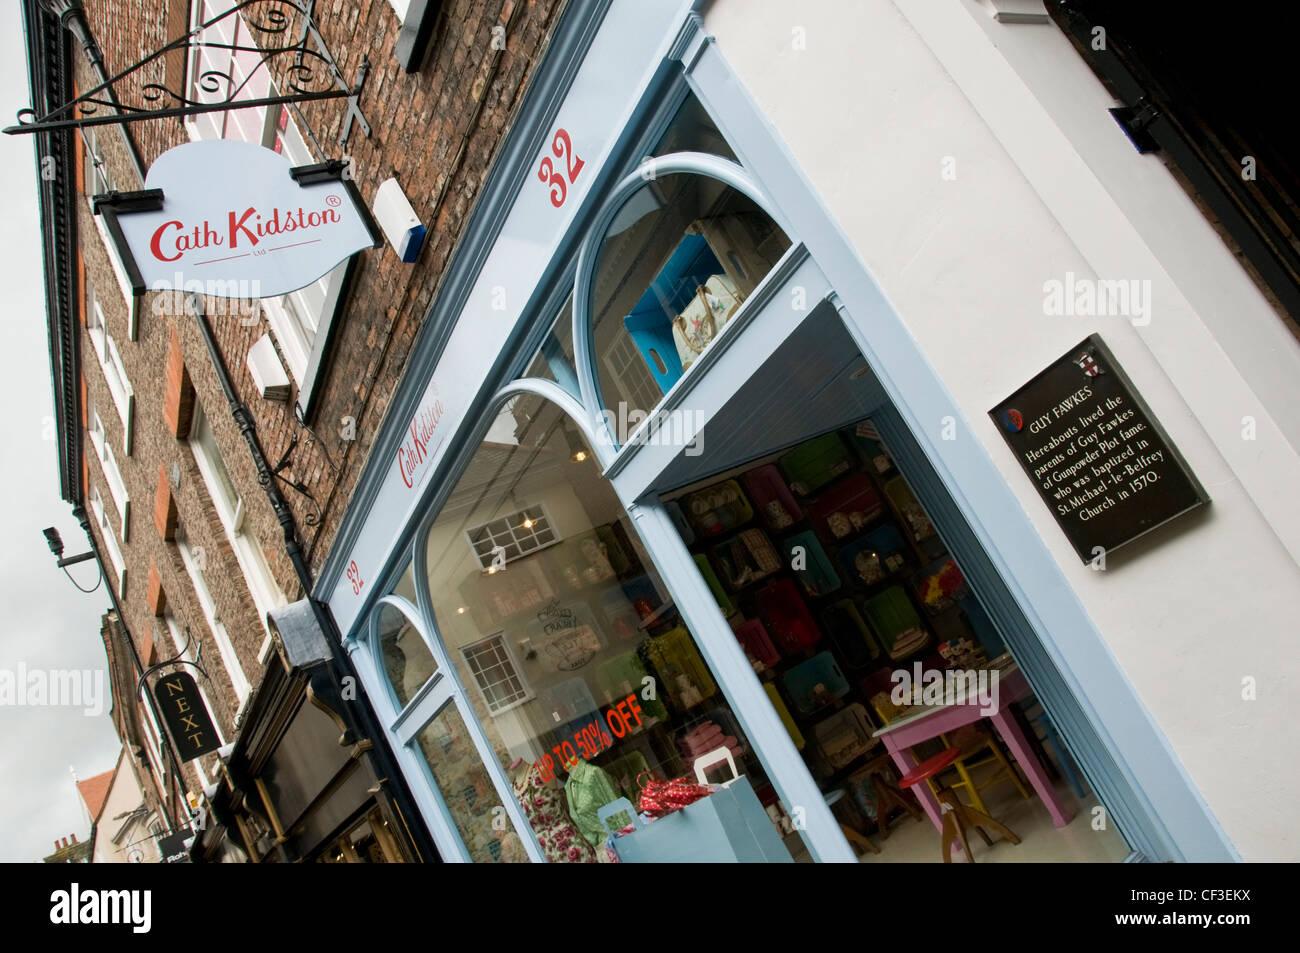 Cath Kidston Stock Photos Amp Cath Kidston Stock Images Alamy